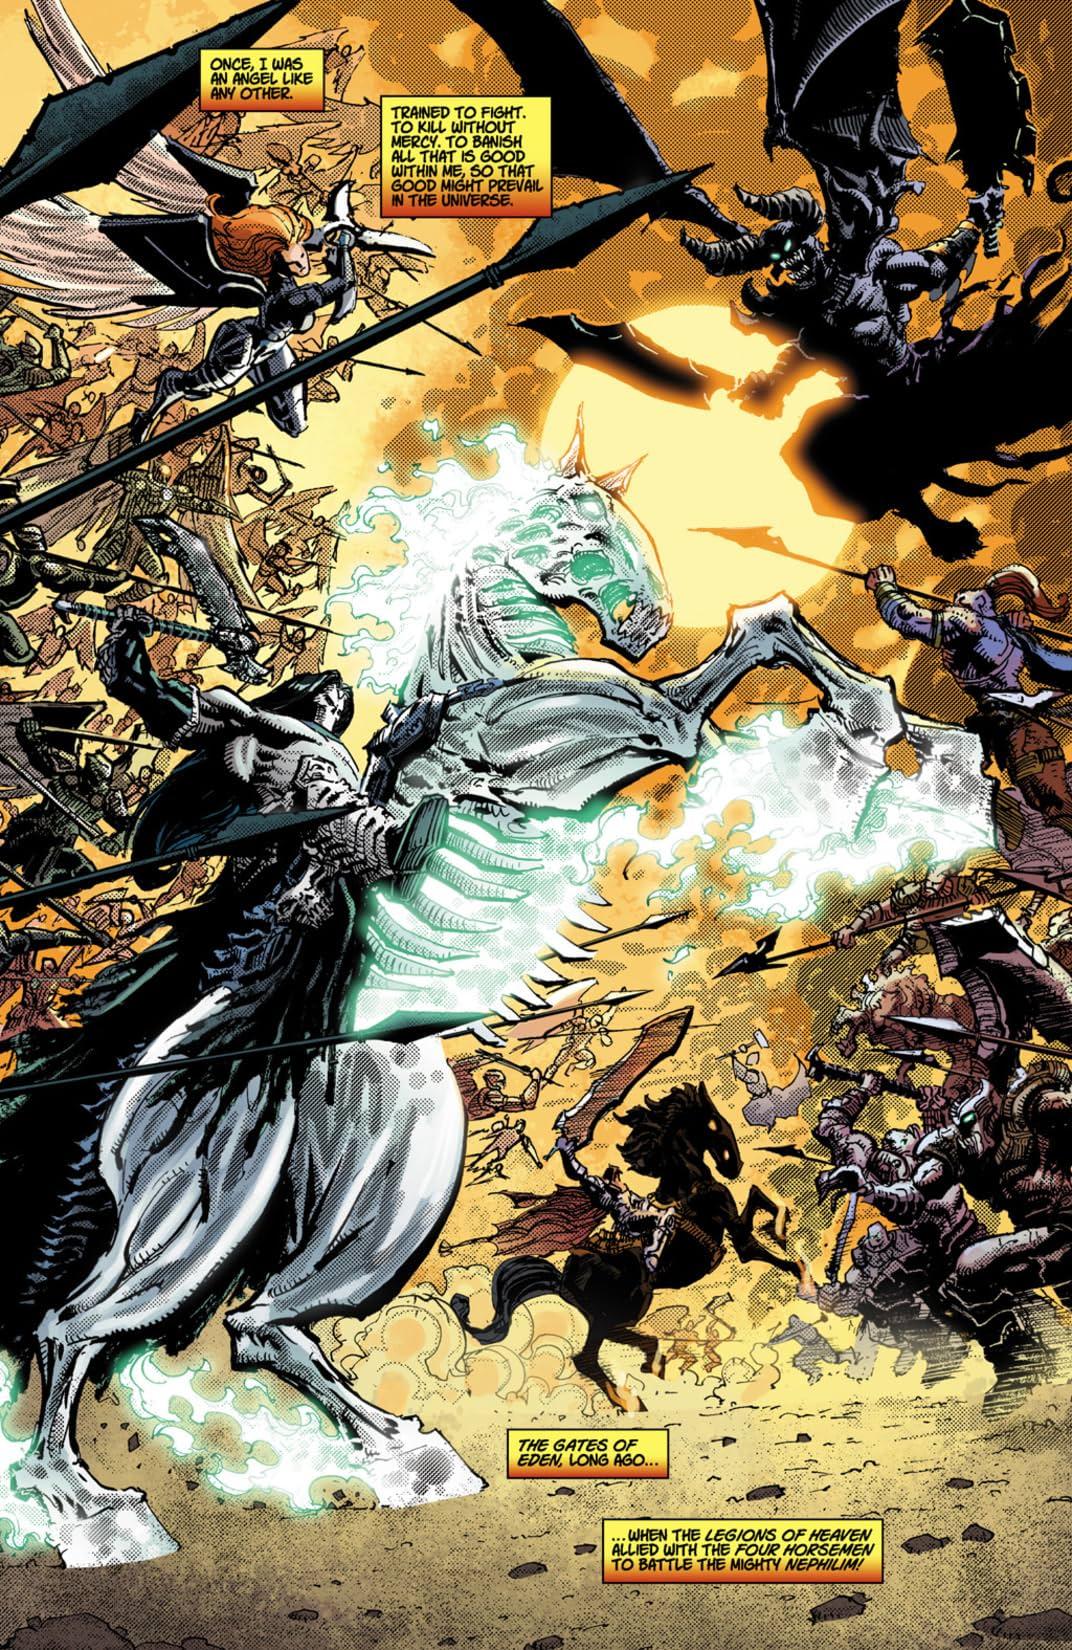 Darksiders II: Death's Door #5